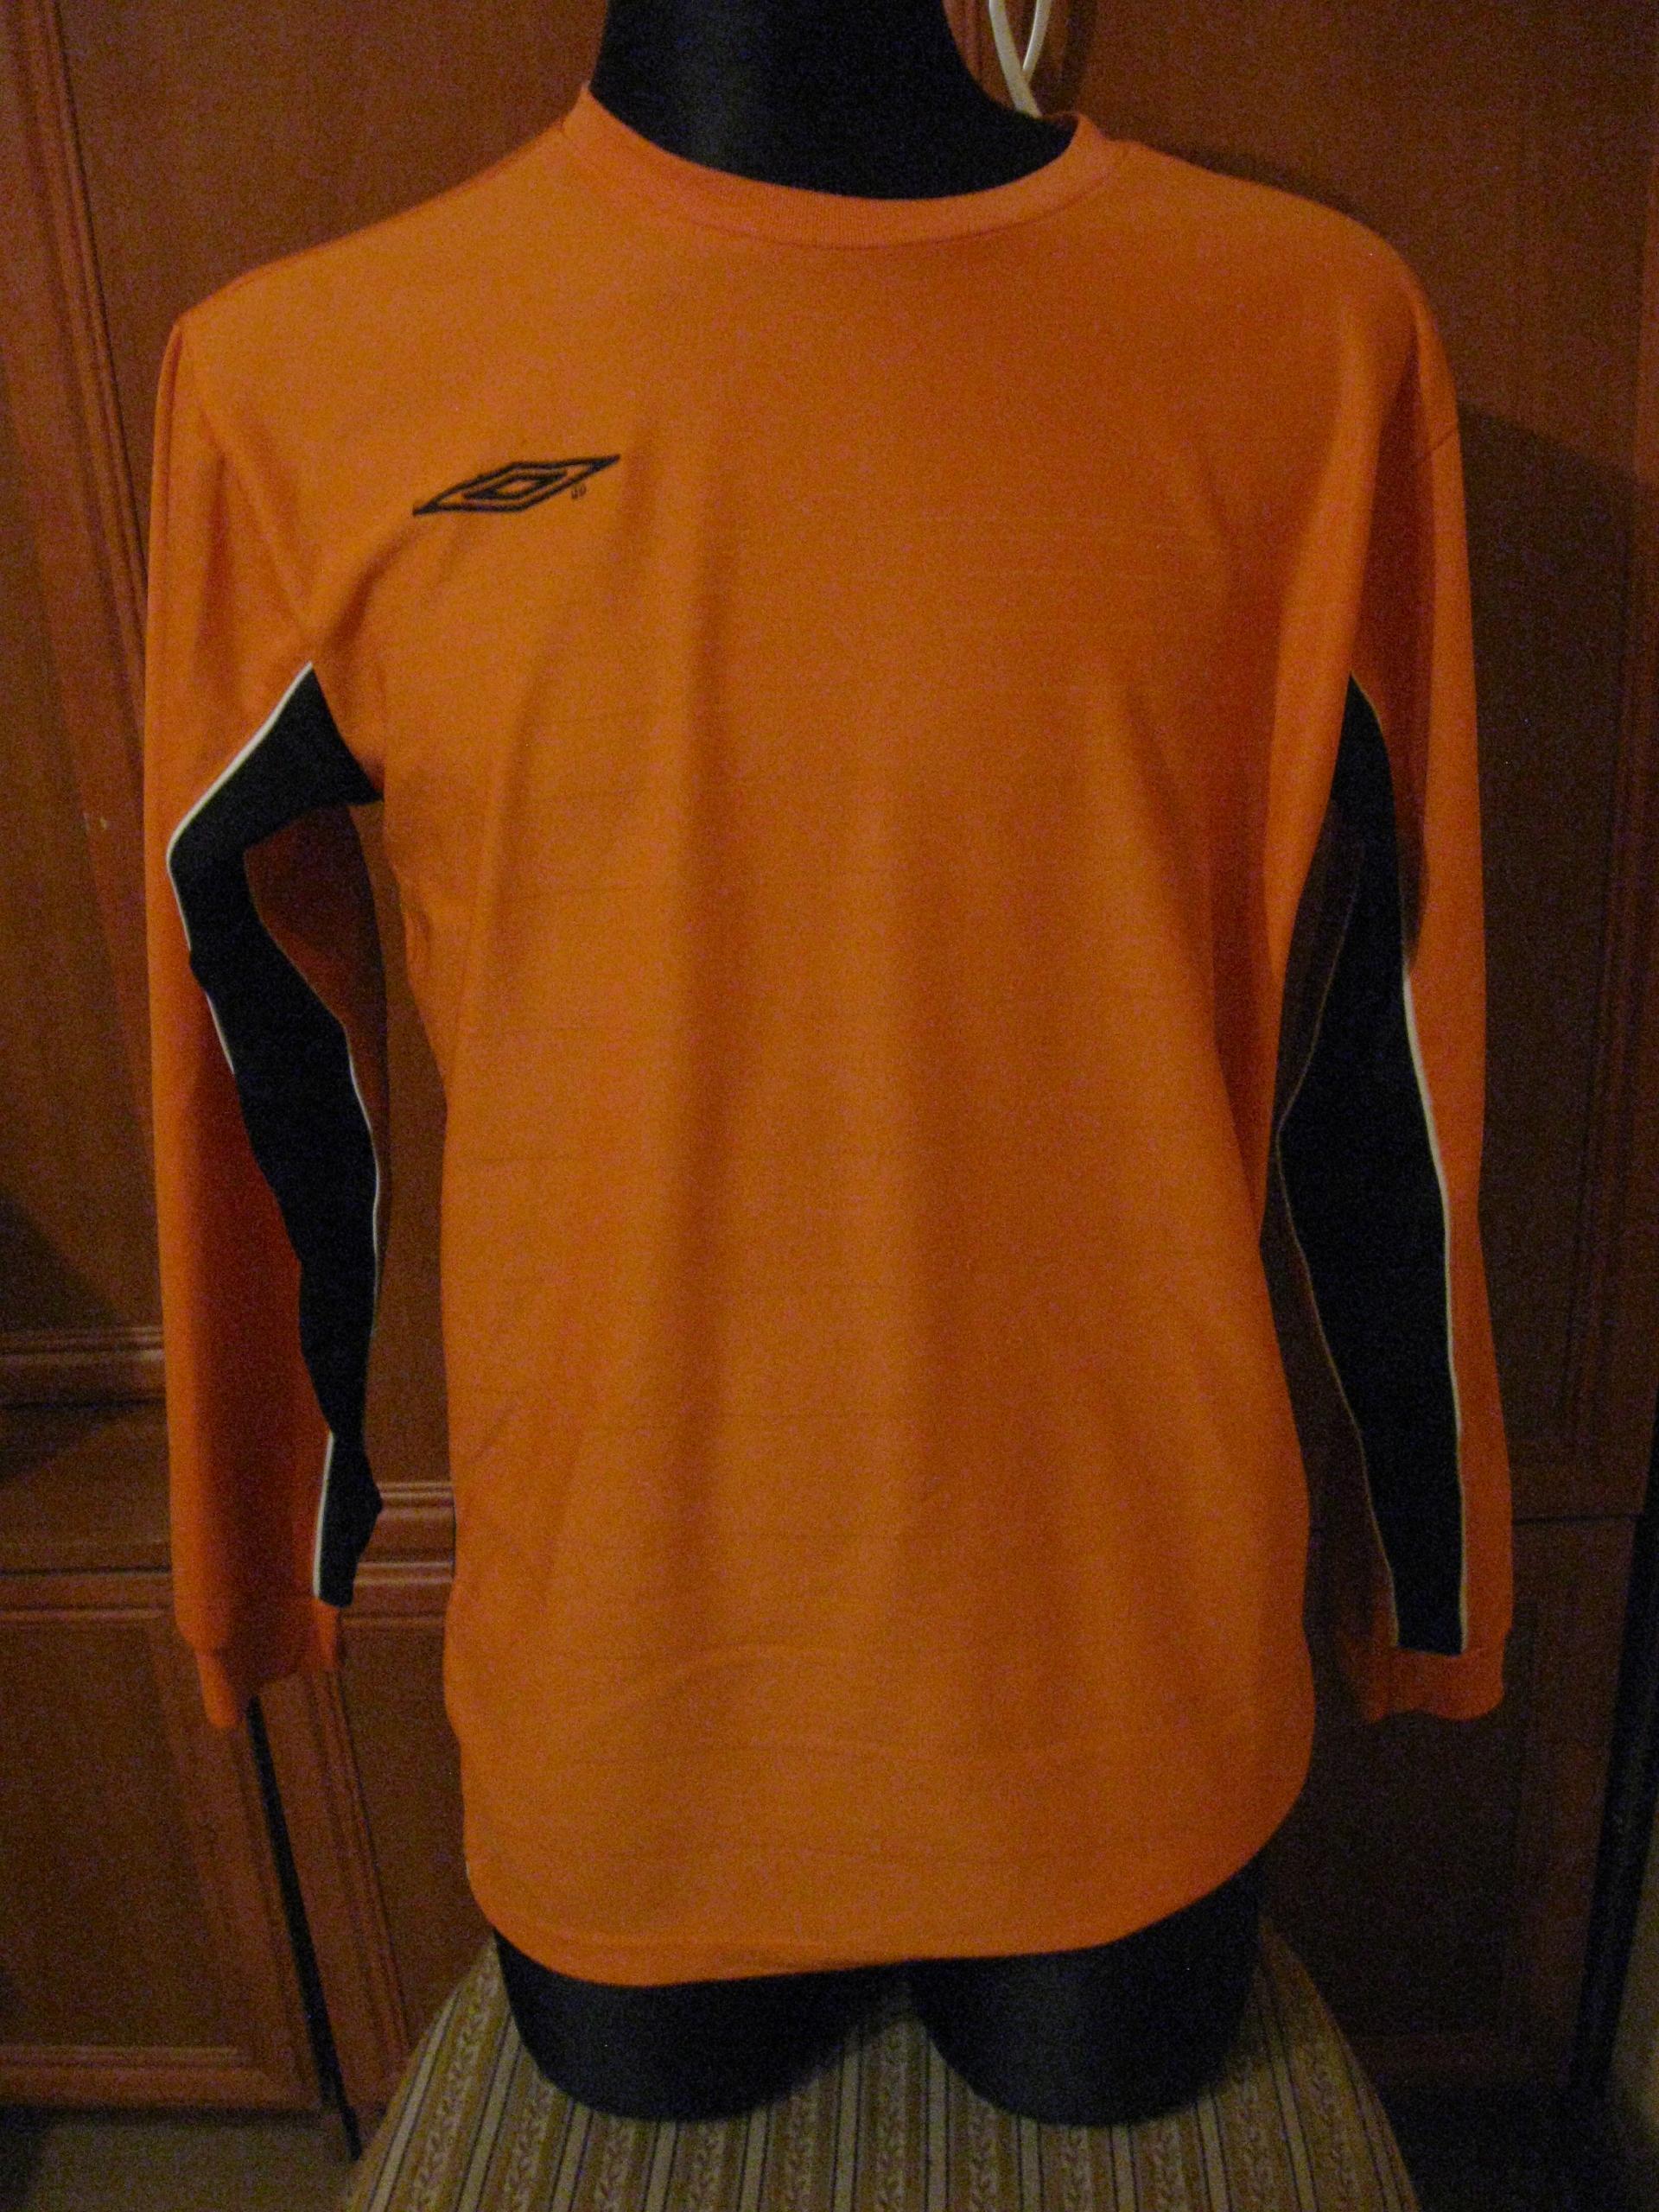 UMBRO - koszulka sportowa długi rękaw roz. M